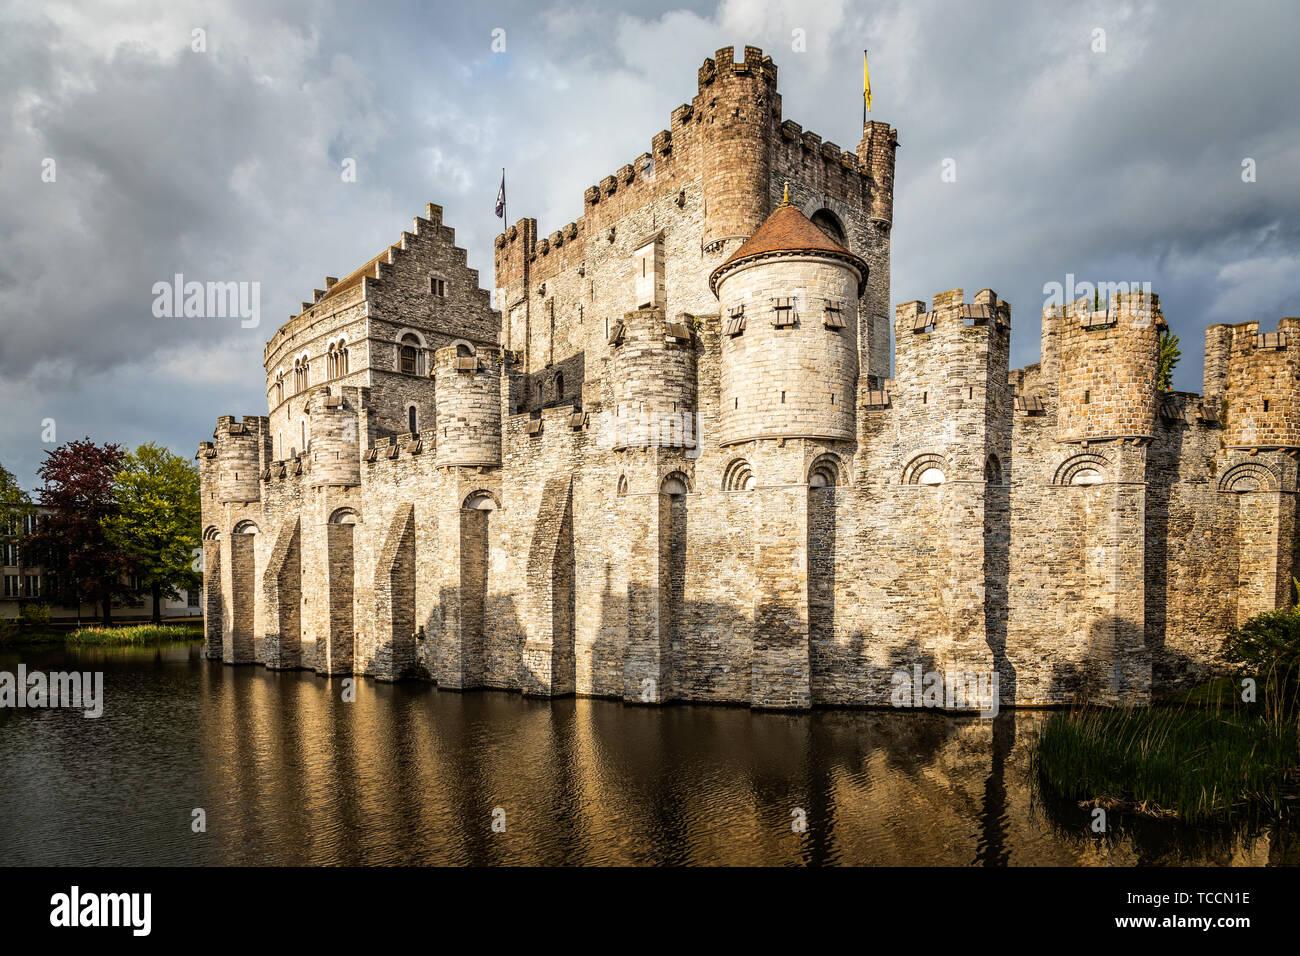 Befestigten Mauern und Türme der Burg Gravensteen mittelalterliche Burg mit Wassergraben im Vordergrund, Gent, Ostflandern, Belgien Stockfoto